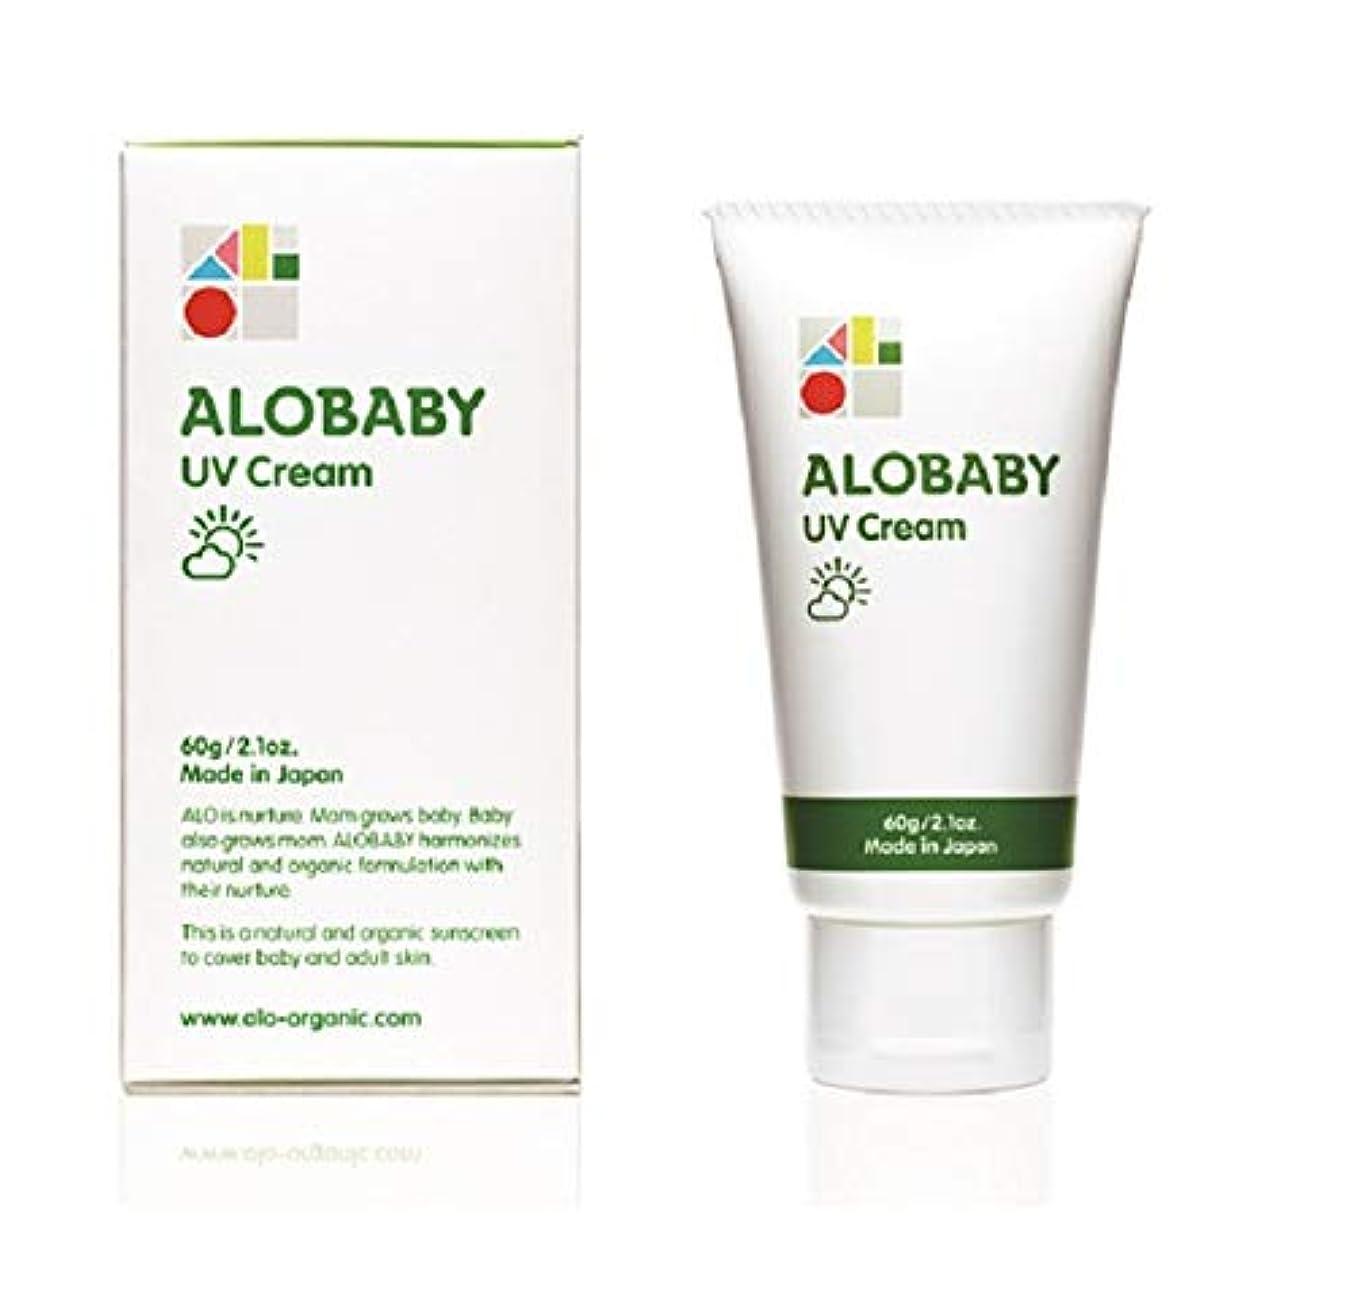 不適切な適応的セットするアロベビー UVクリーム 60g (1本) 赤ちゃん こども用 日焼け止め 紫外線吸収剤不使用 無添加 オーガニック alobaby